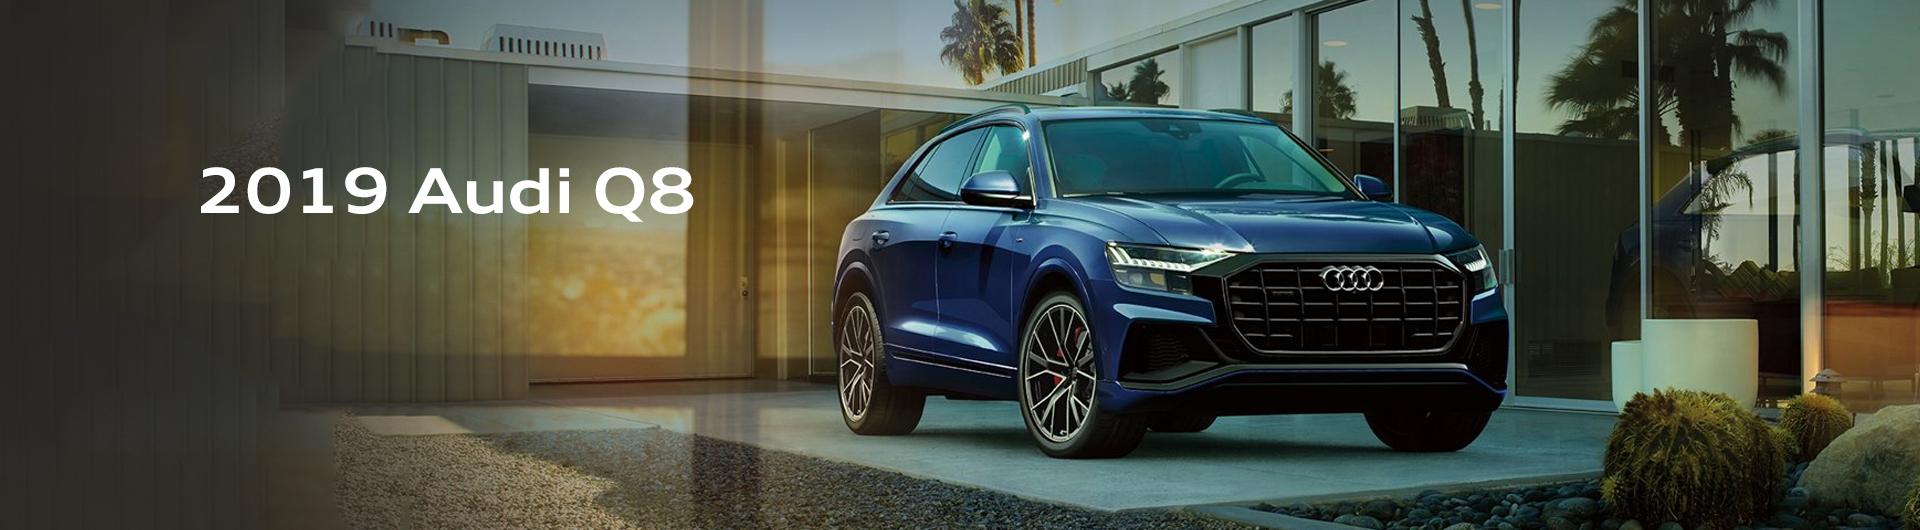 2019 Audi Q8 Flemington Audi